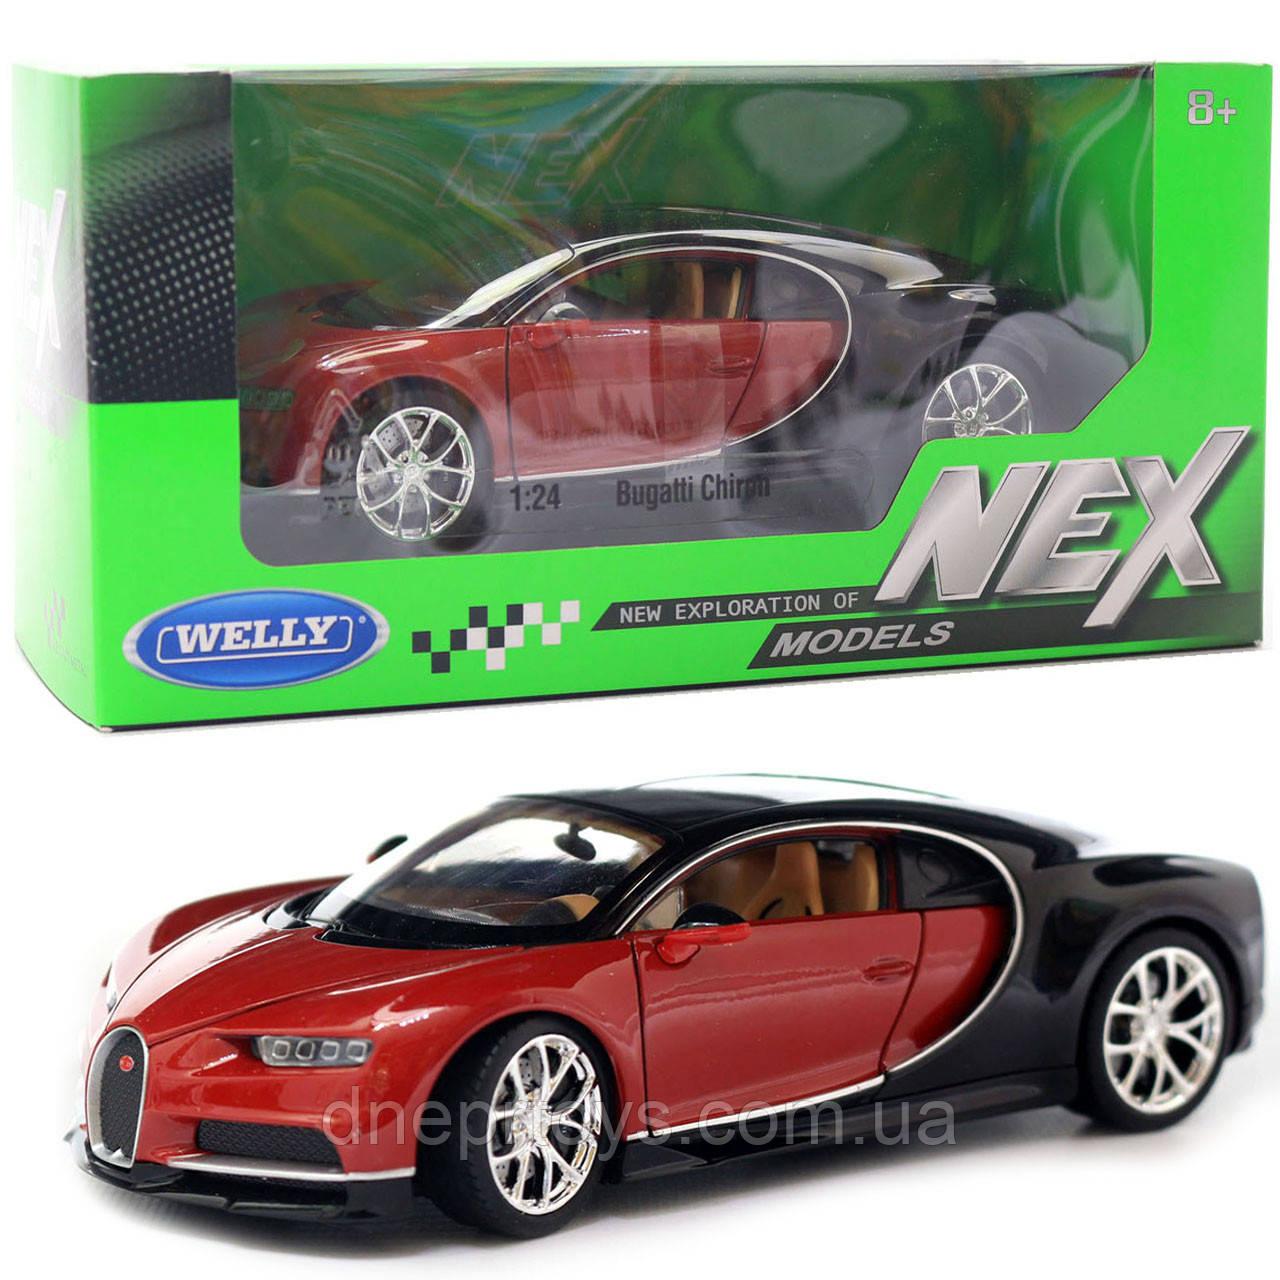 Іграшкова машинка Welly Nex «Країна Іграшок» Бугатті Широн, коричневий, 18 см (24077W)